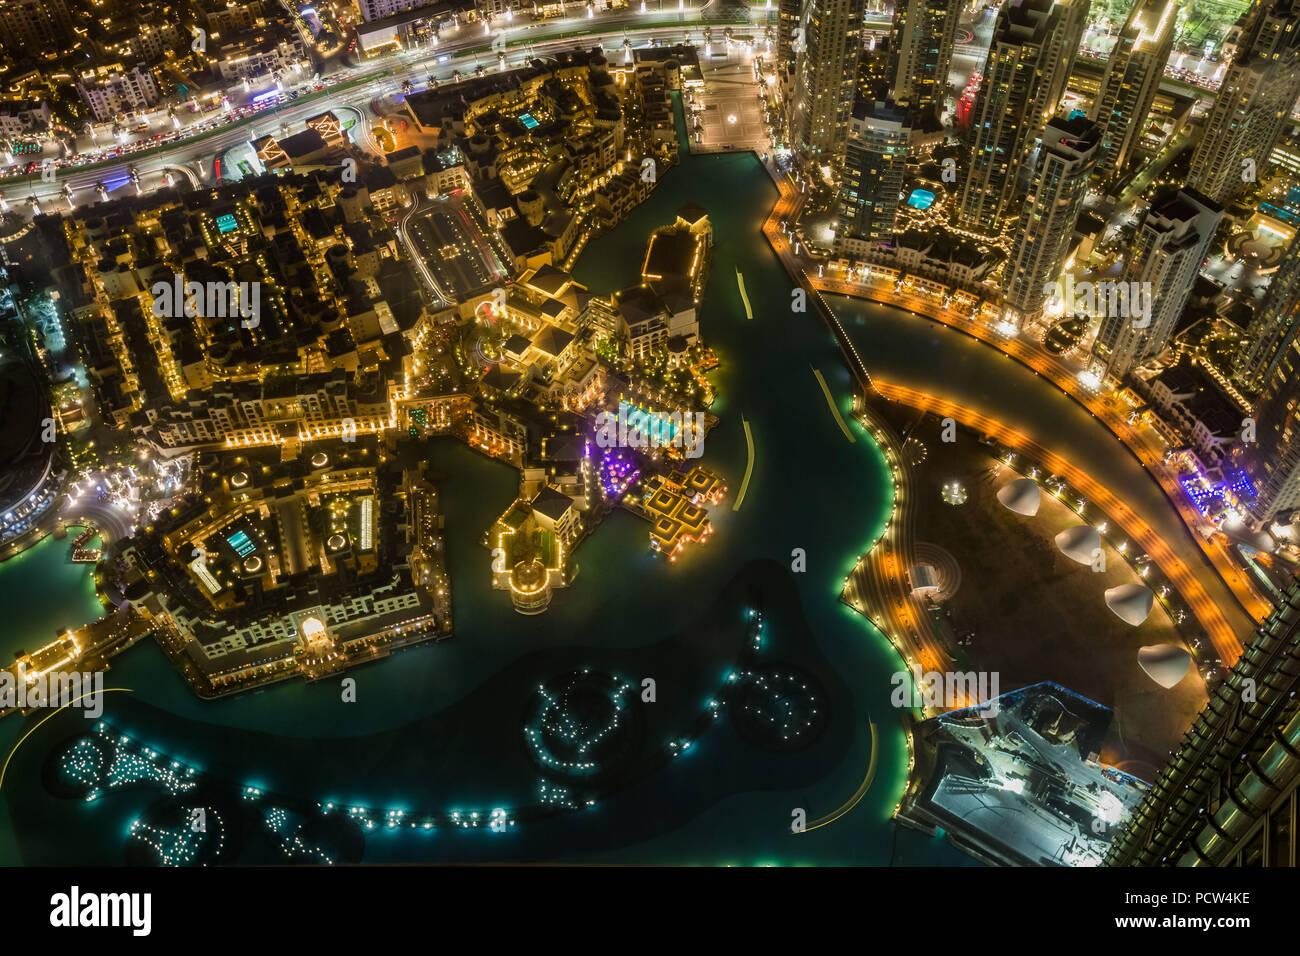 Détail Vue aérienne de nuit du centre-ville de Dubaï et lac artificiel, Emirats Arabes Unis. Photo Stock